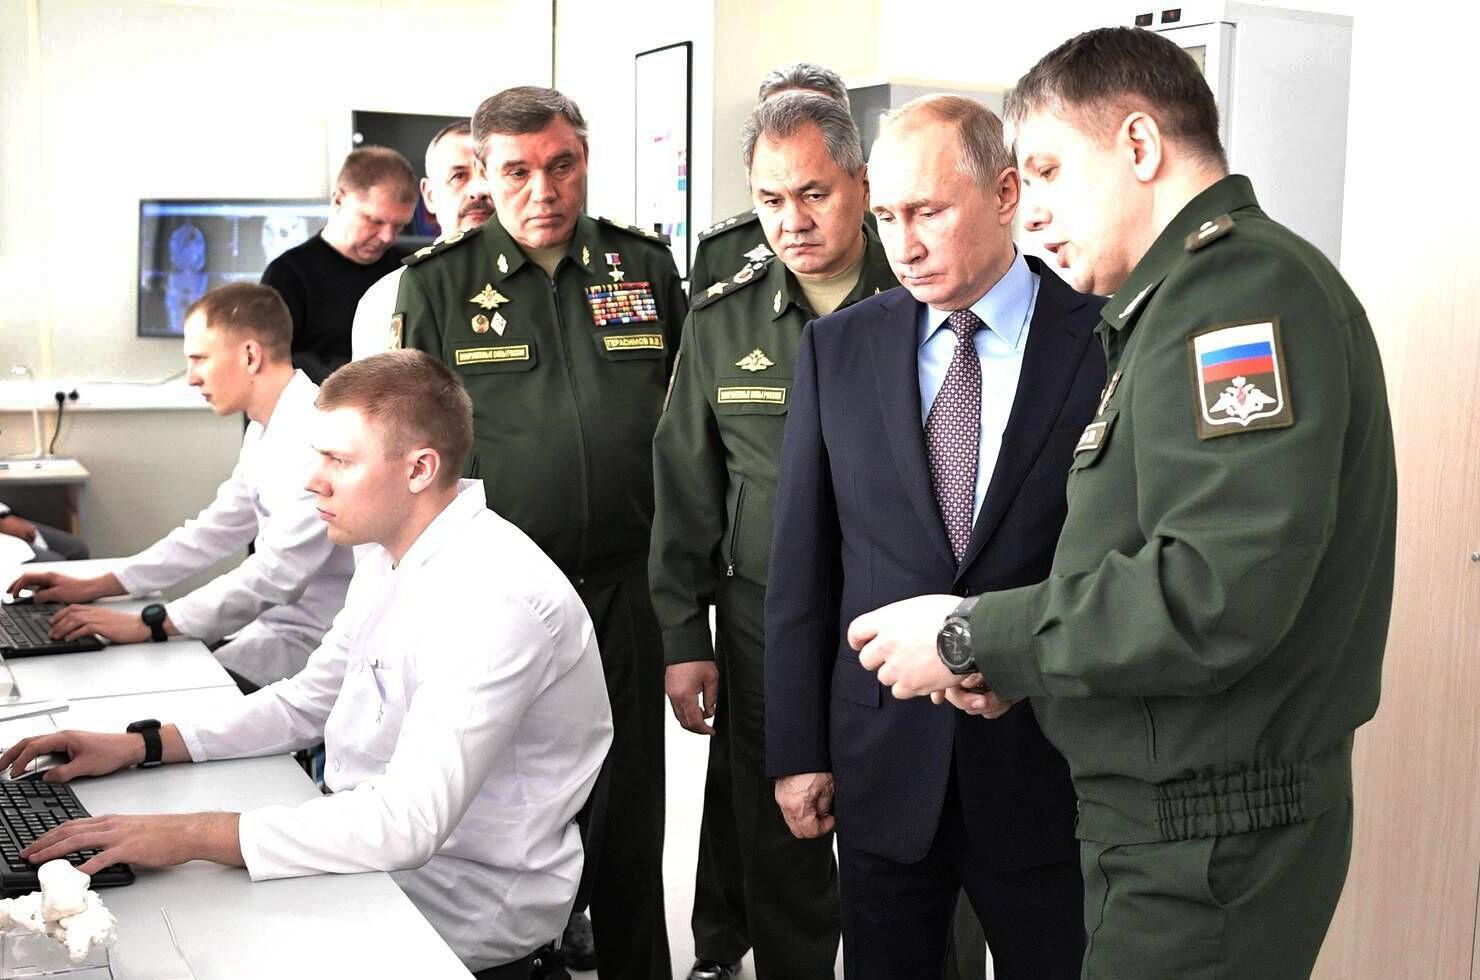 Aufrüstung: Russland will neue Waffen mit höherer Reichweite entwickeln